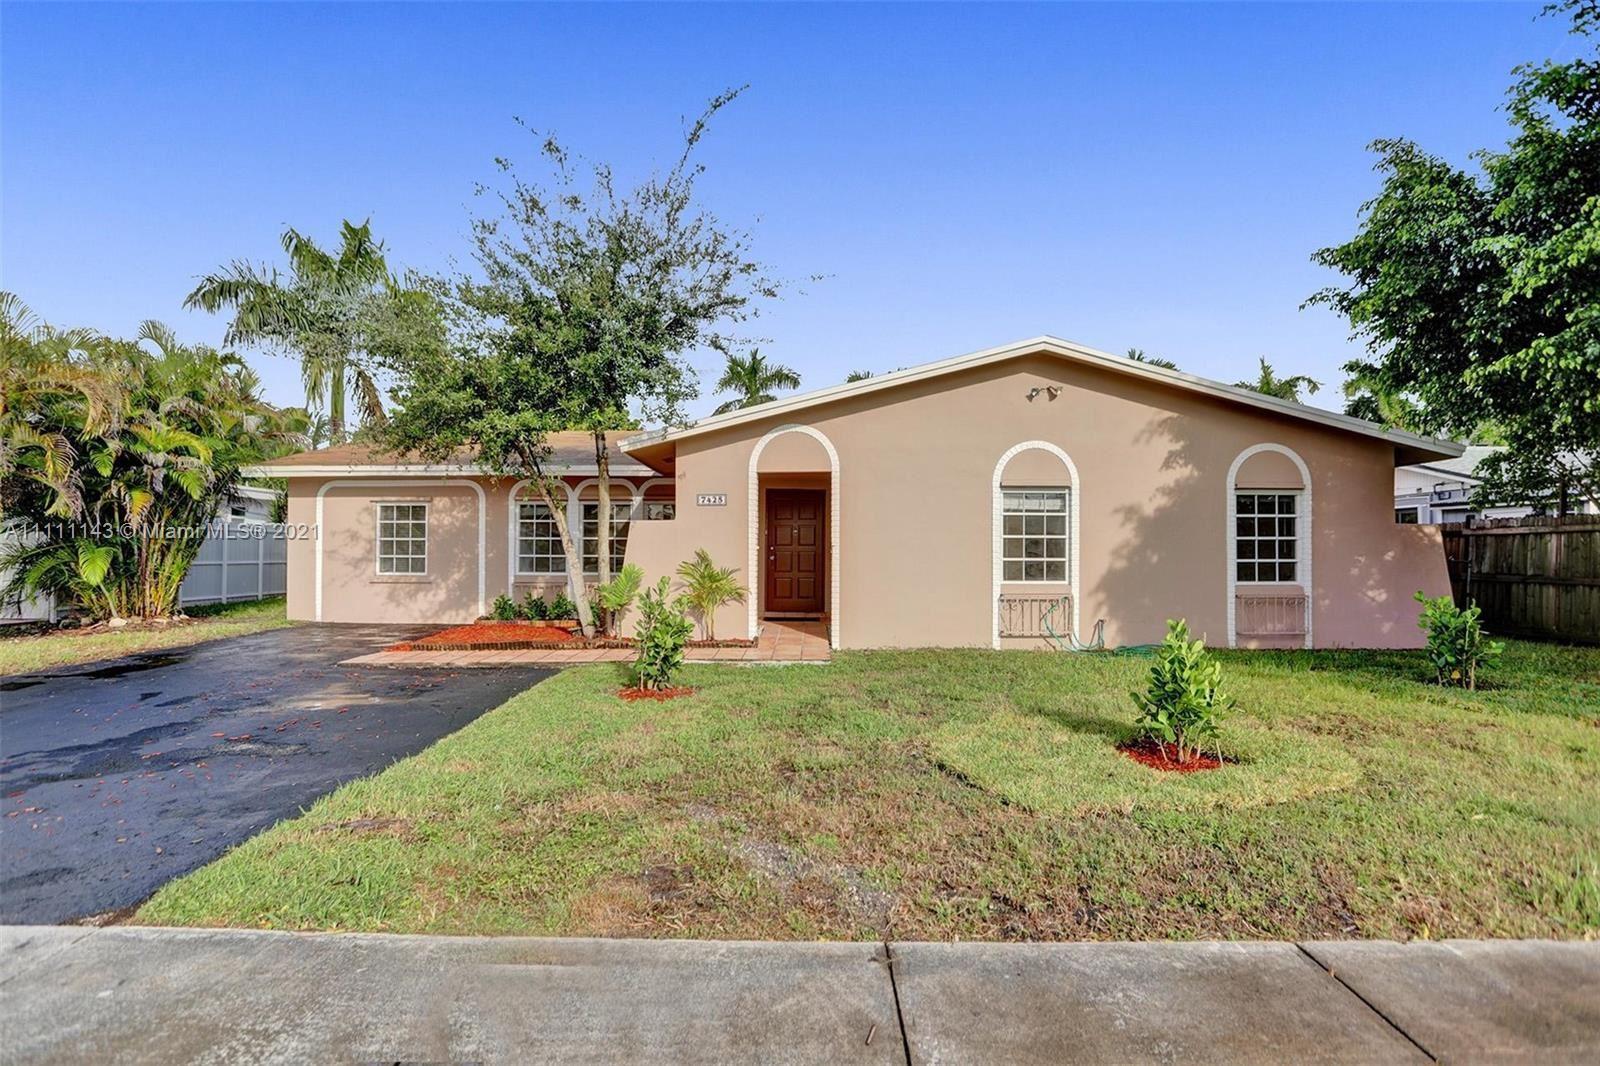 7425 SW 127th Ct, Miami, FL 33183 - #: A11111143